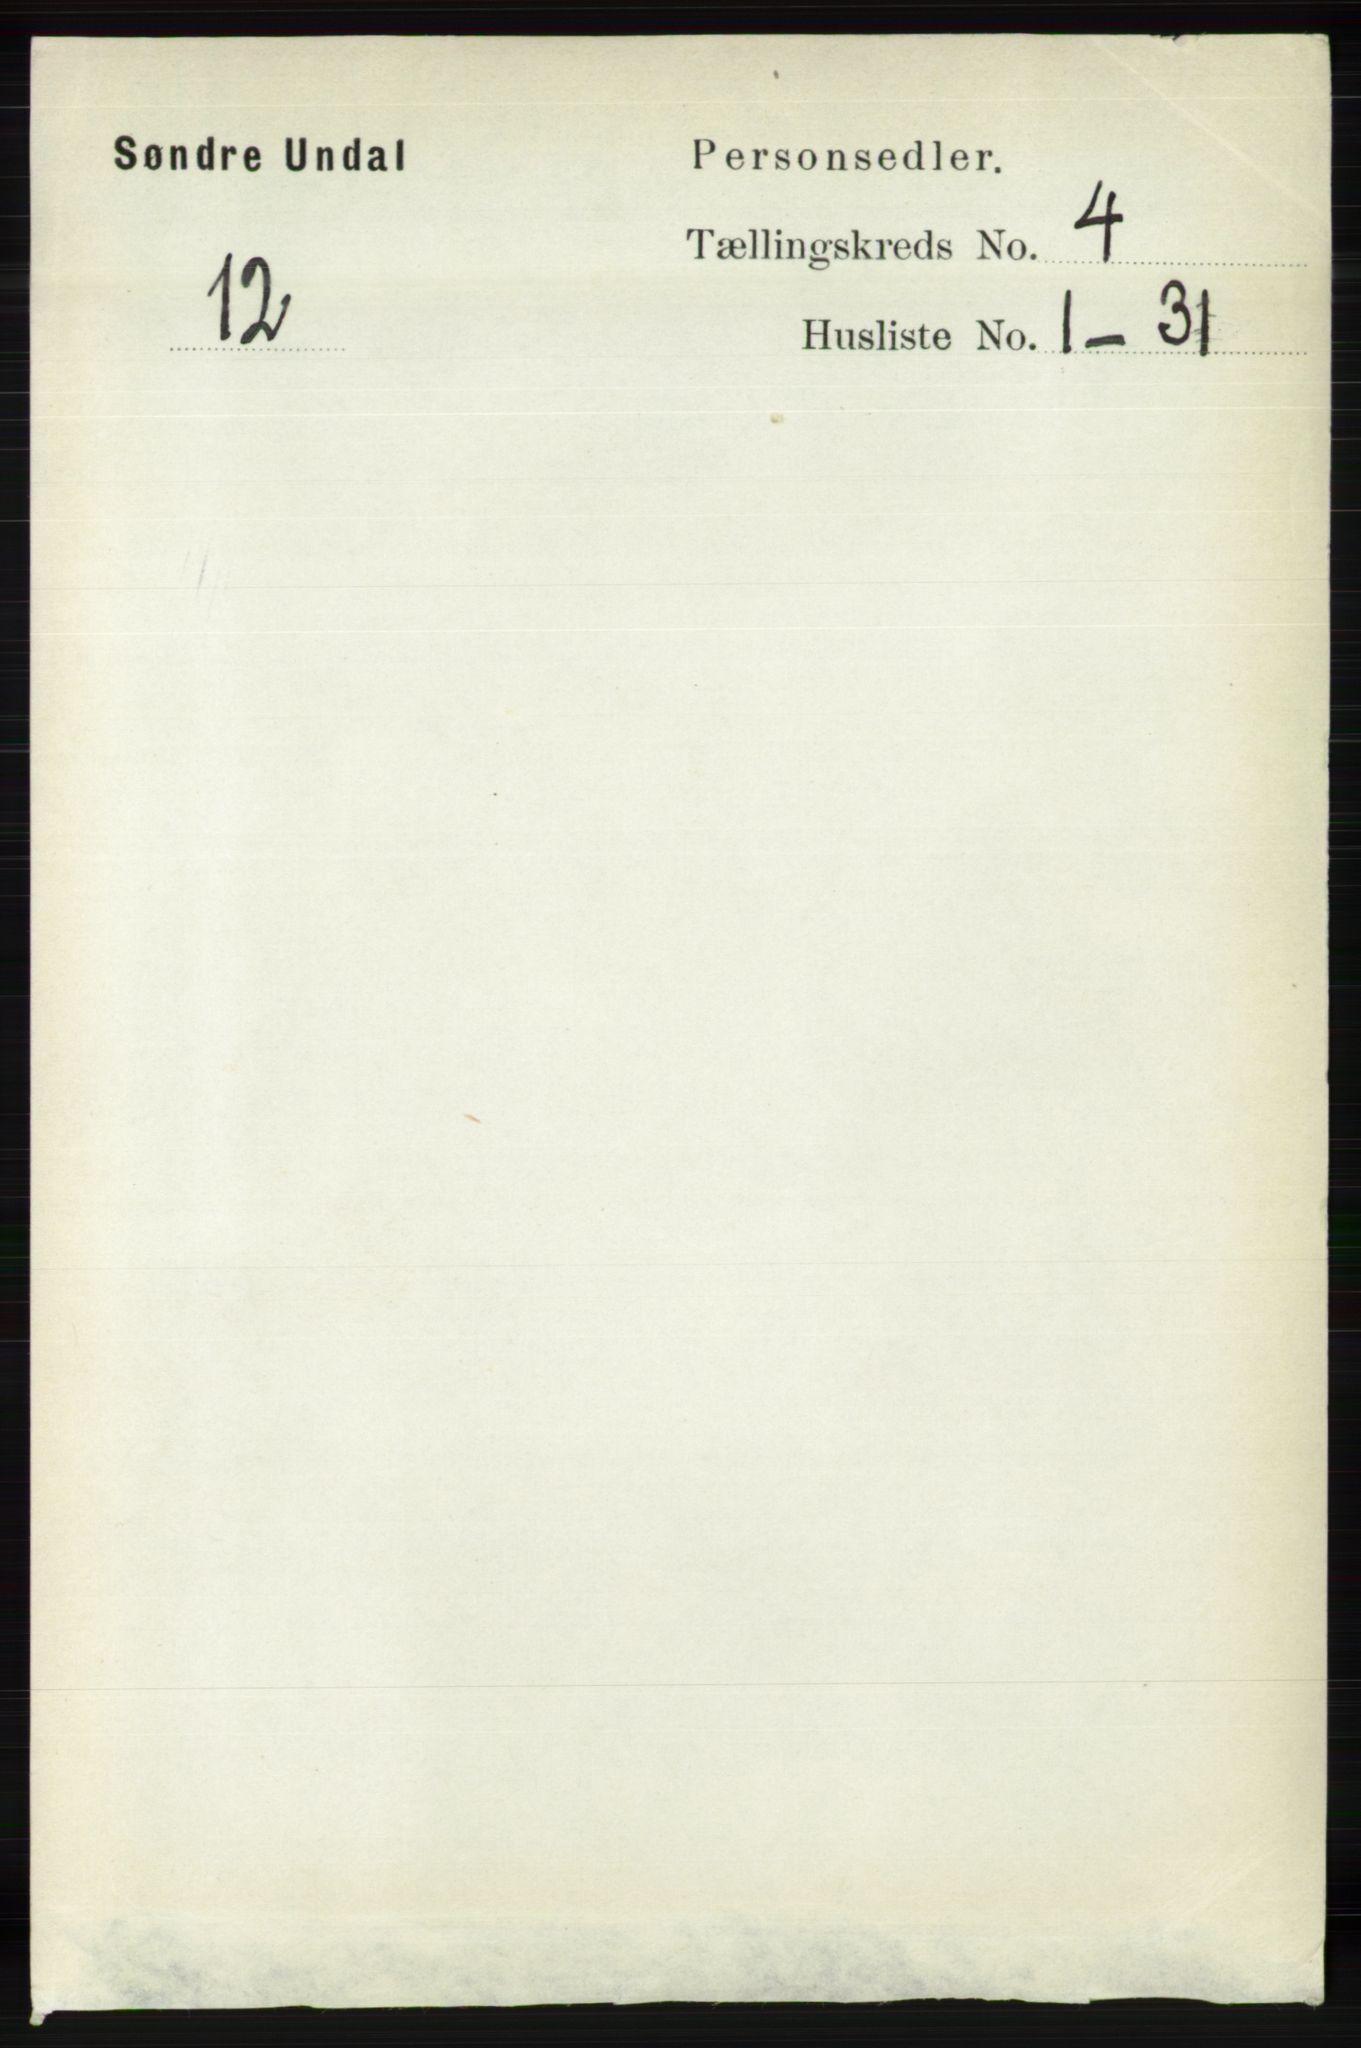 RA, Folketelling 1891 for 1029 Sør-Audnedal herred, 1891, s. 1408